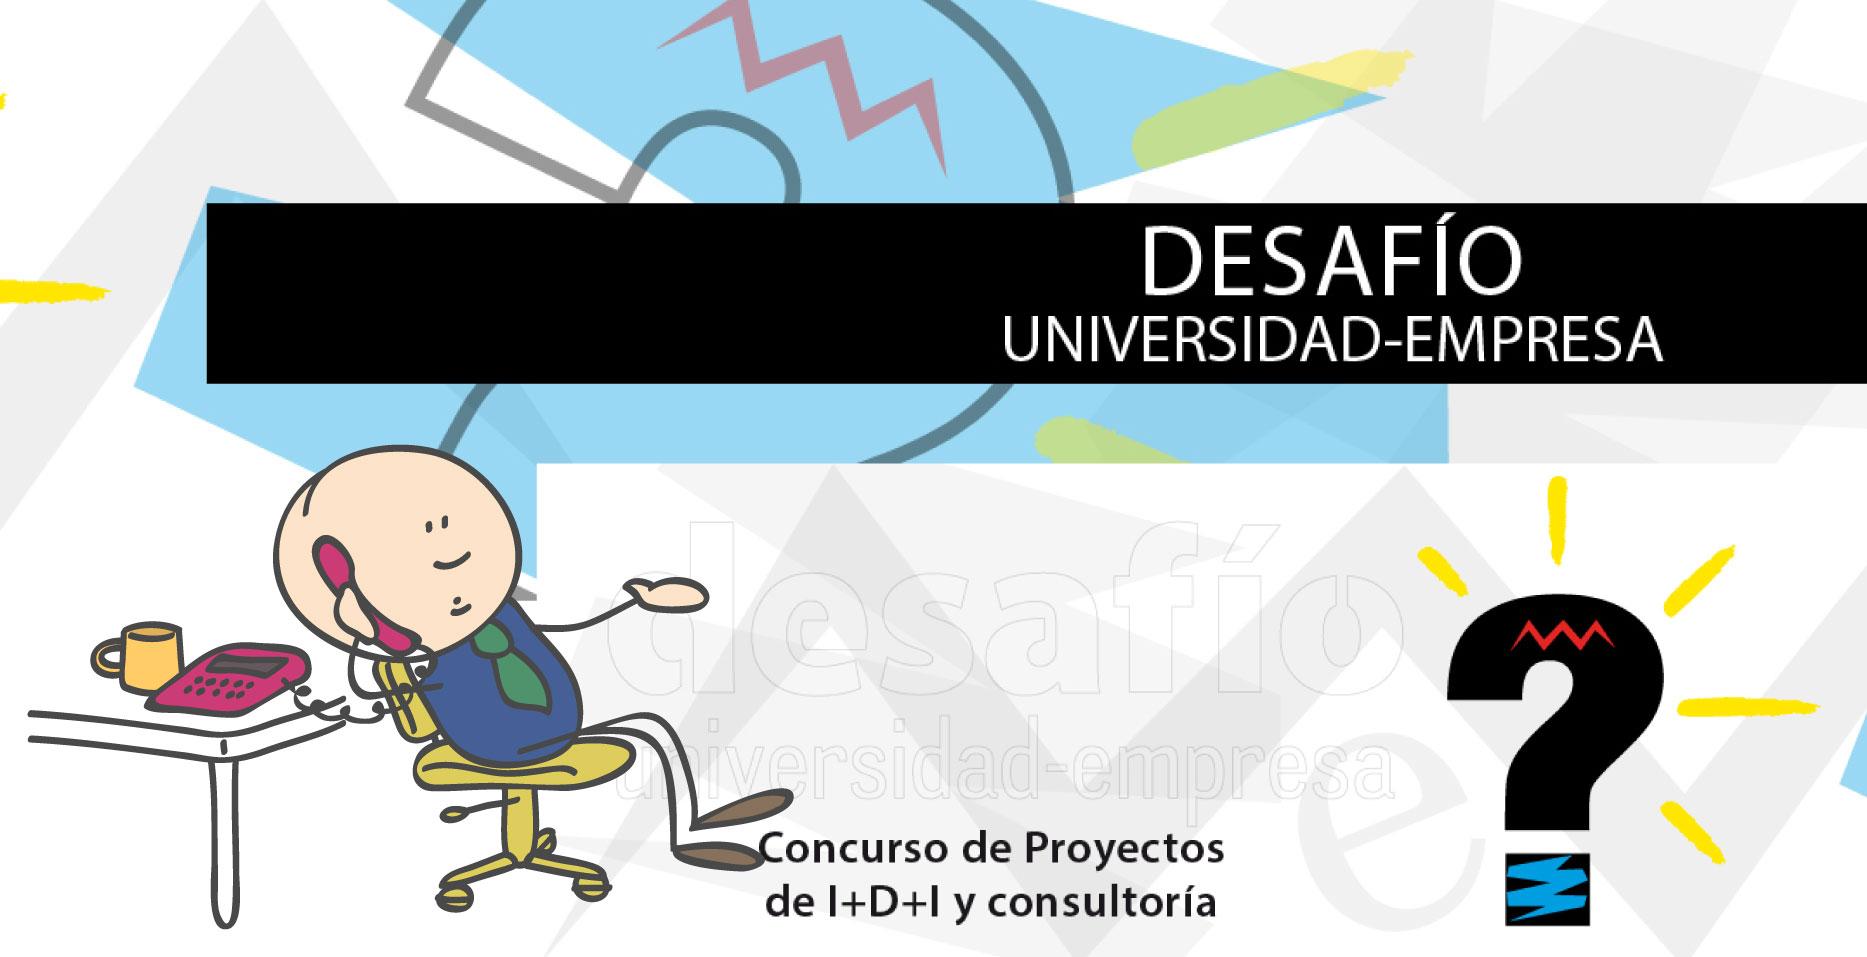 Concurso 'Desafío Universidad-Empresa 2018'